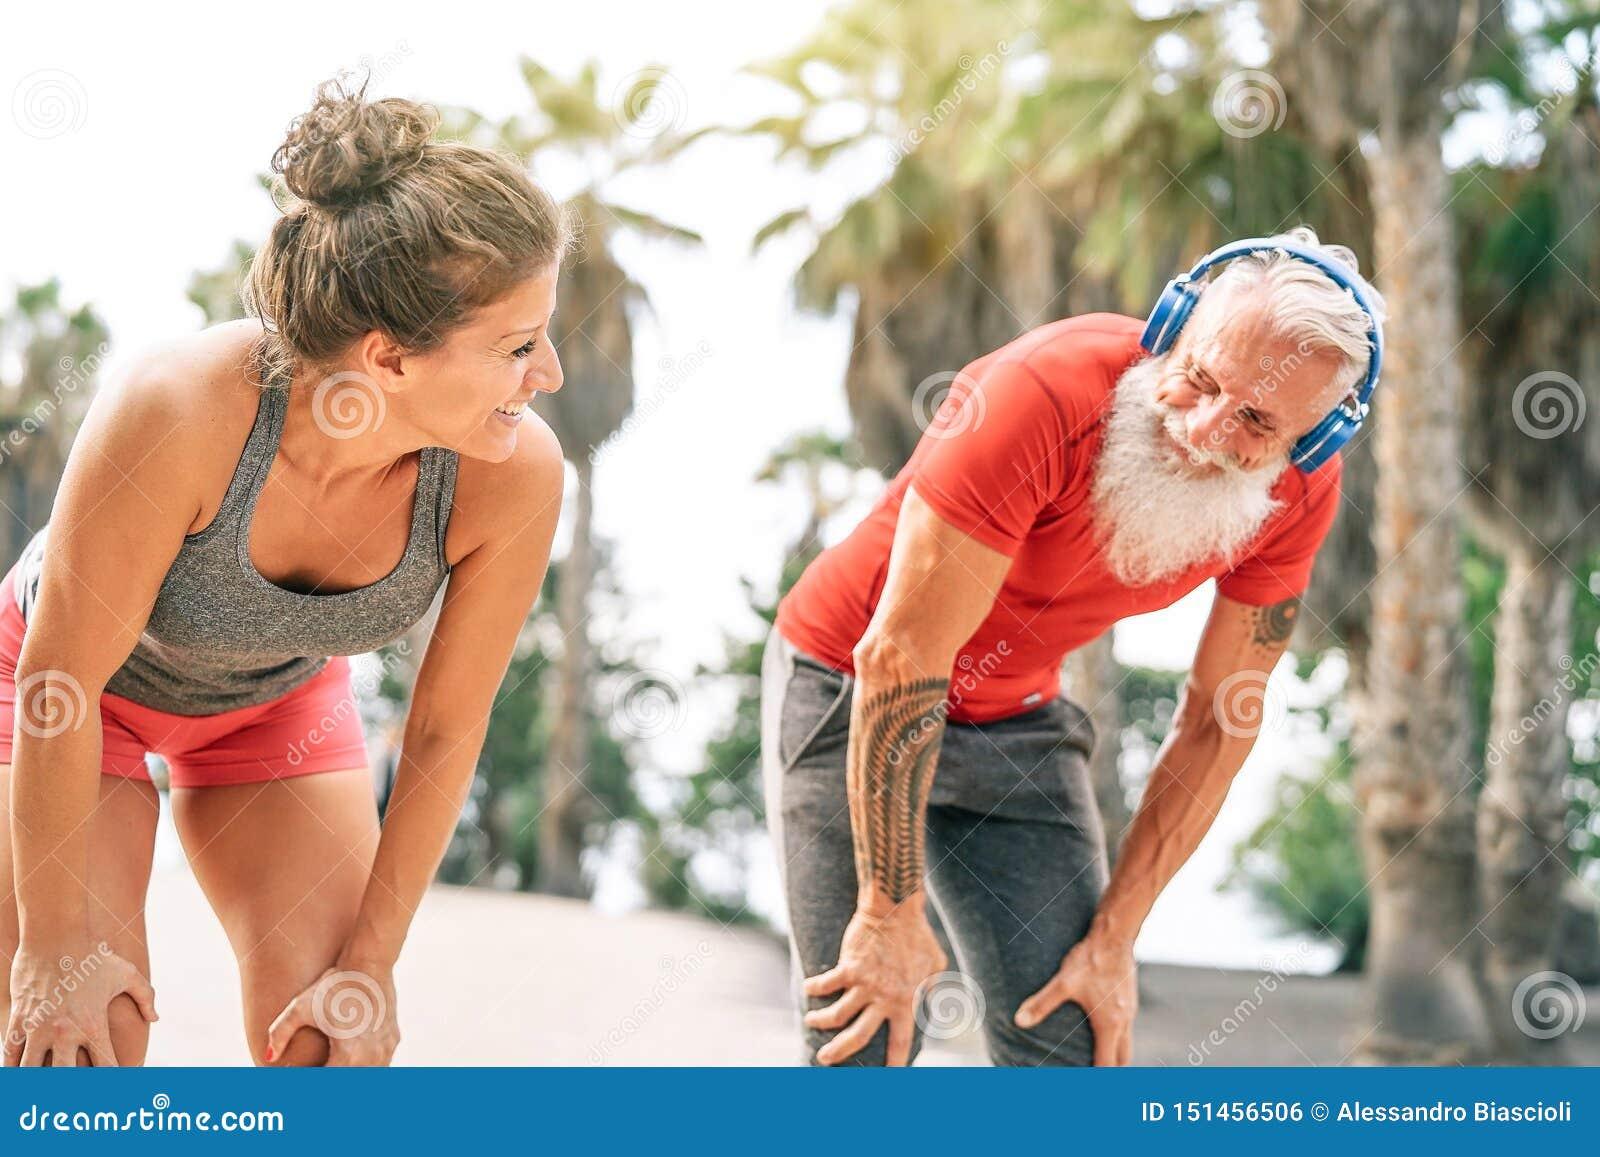 Подходящие пары друзей имея перерыв после быстрой гонки затем пляж на заходе солнца - Sporty разминке людей на открытом воздухе